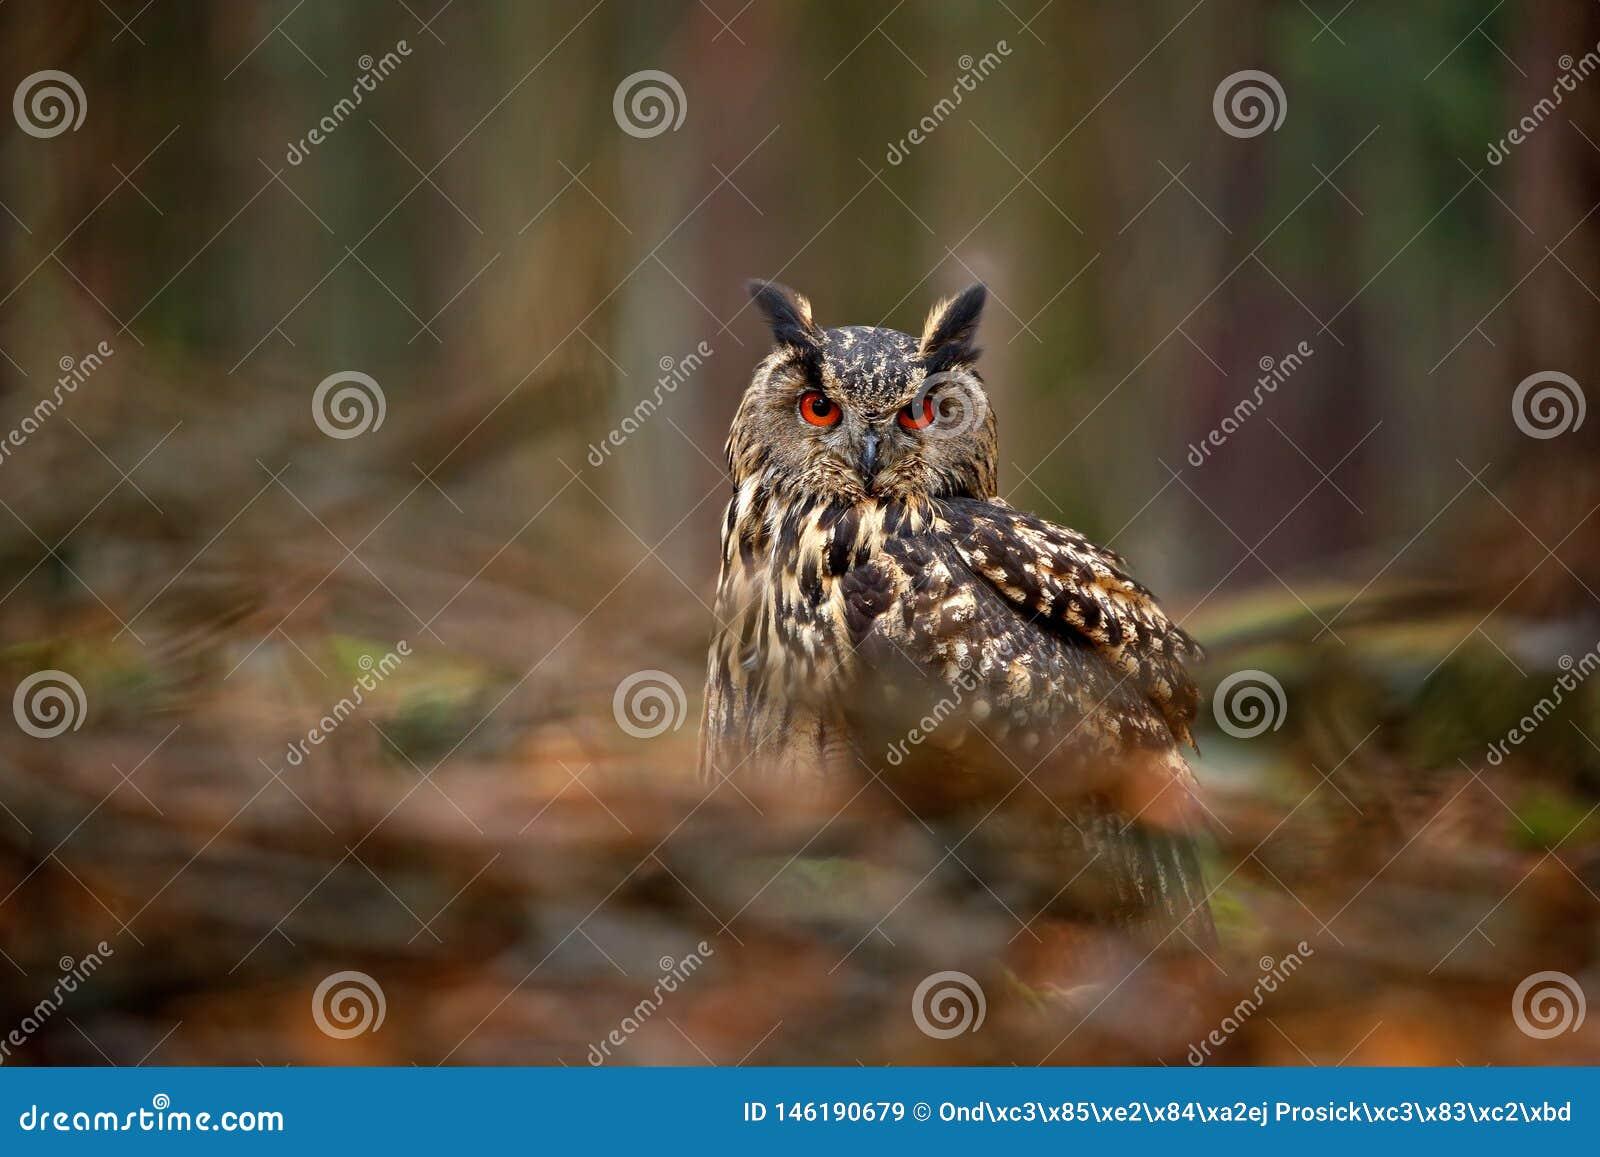 Πουλί στο ξύλο Κουκουβάγια στο δασικό βιότοπο, πράσινη πέτρα βρύου Ευρασιατικά μεγάλα πορτοκαλιά μάτια μπούφων witb, Πολωνία Πουλ